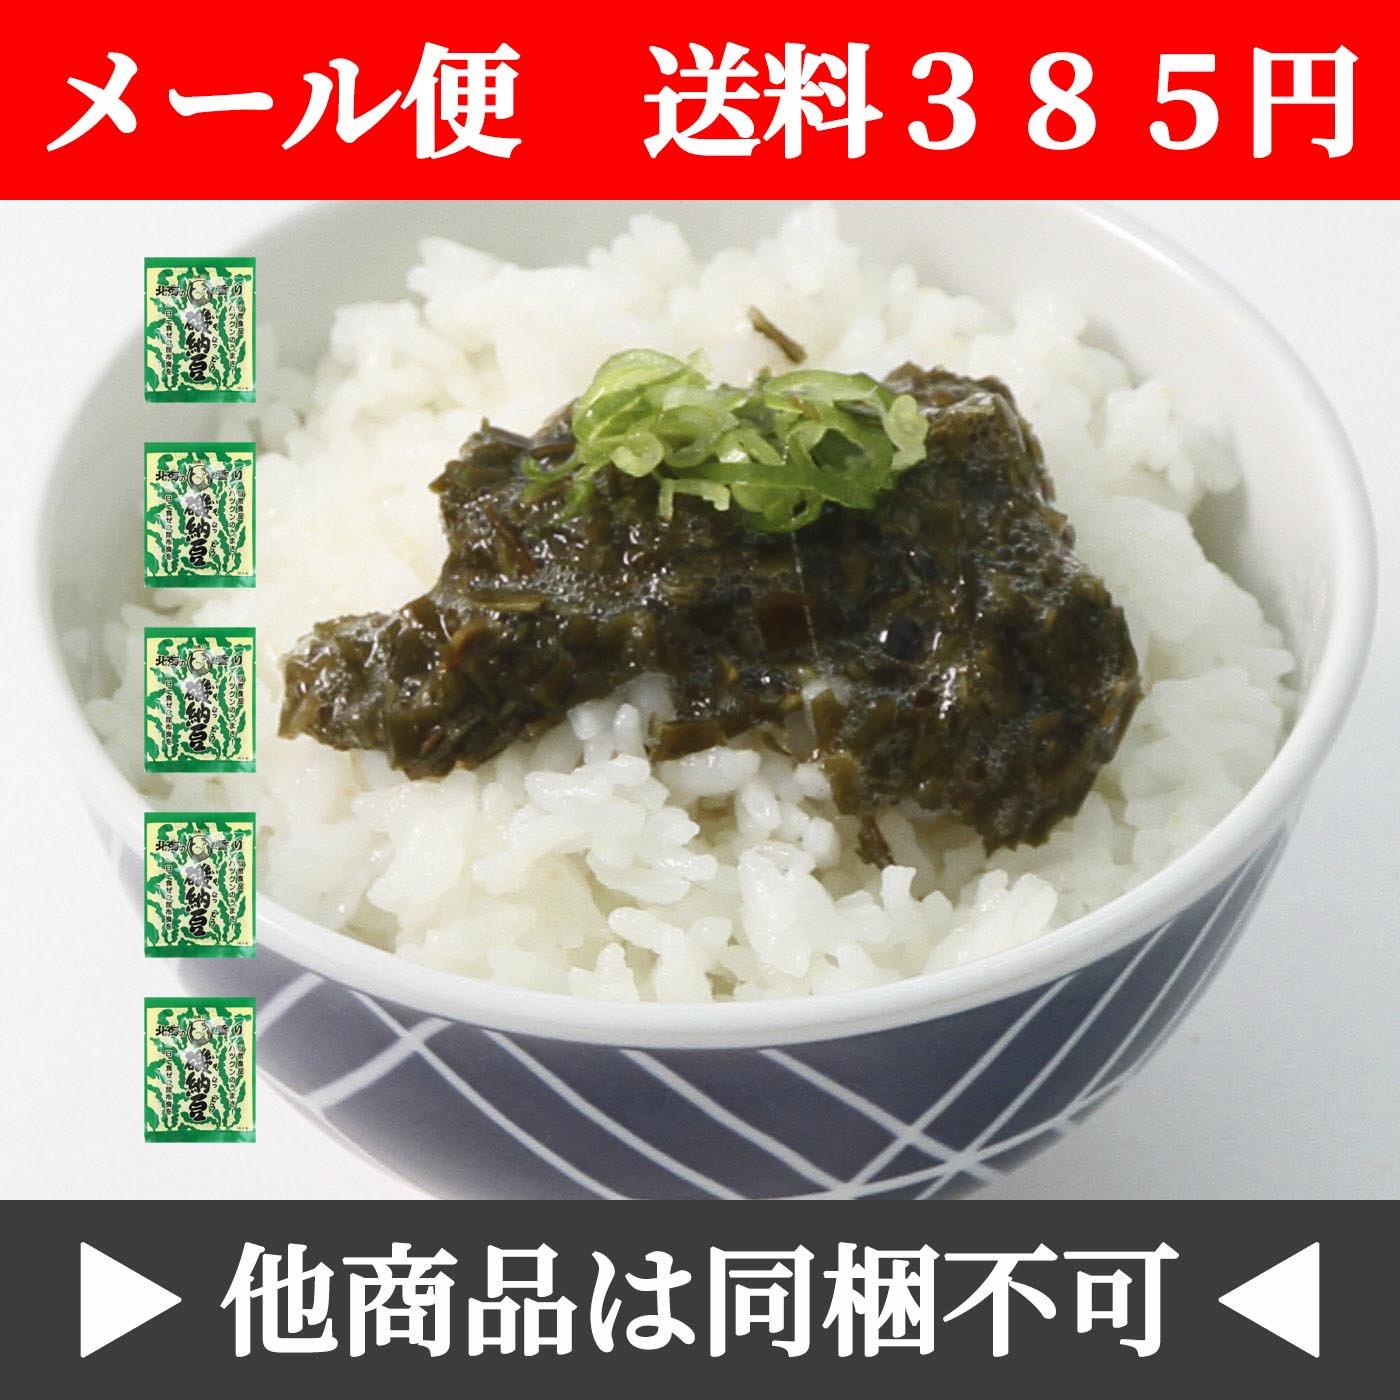 【メール便】磯納豆 5袋セット